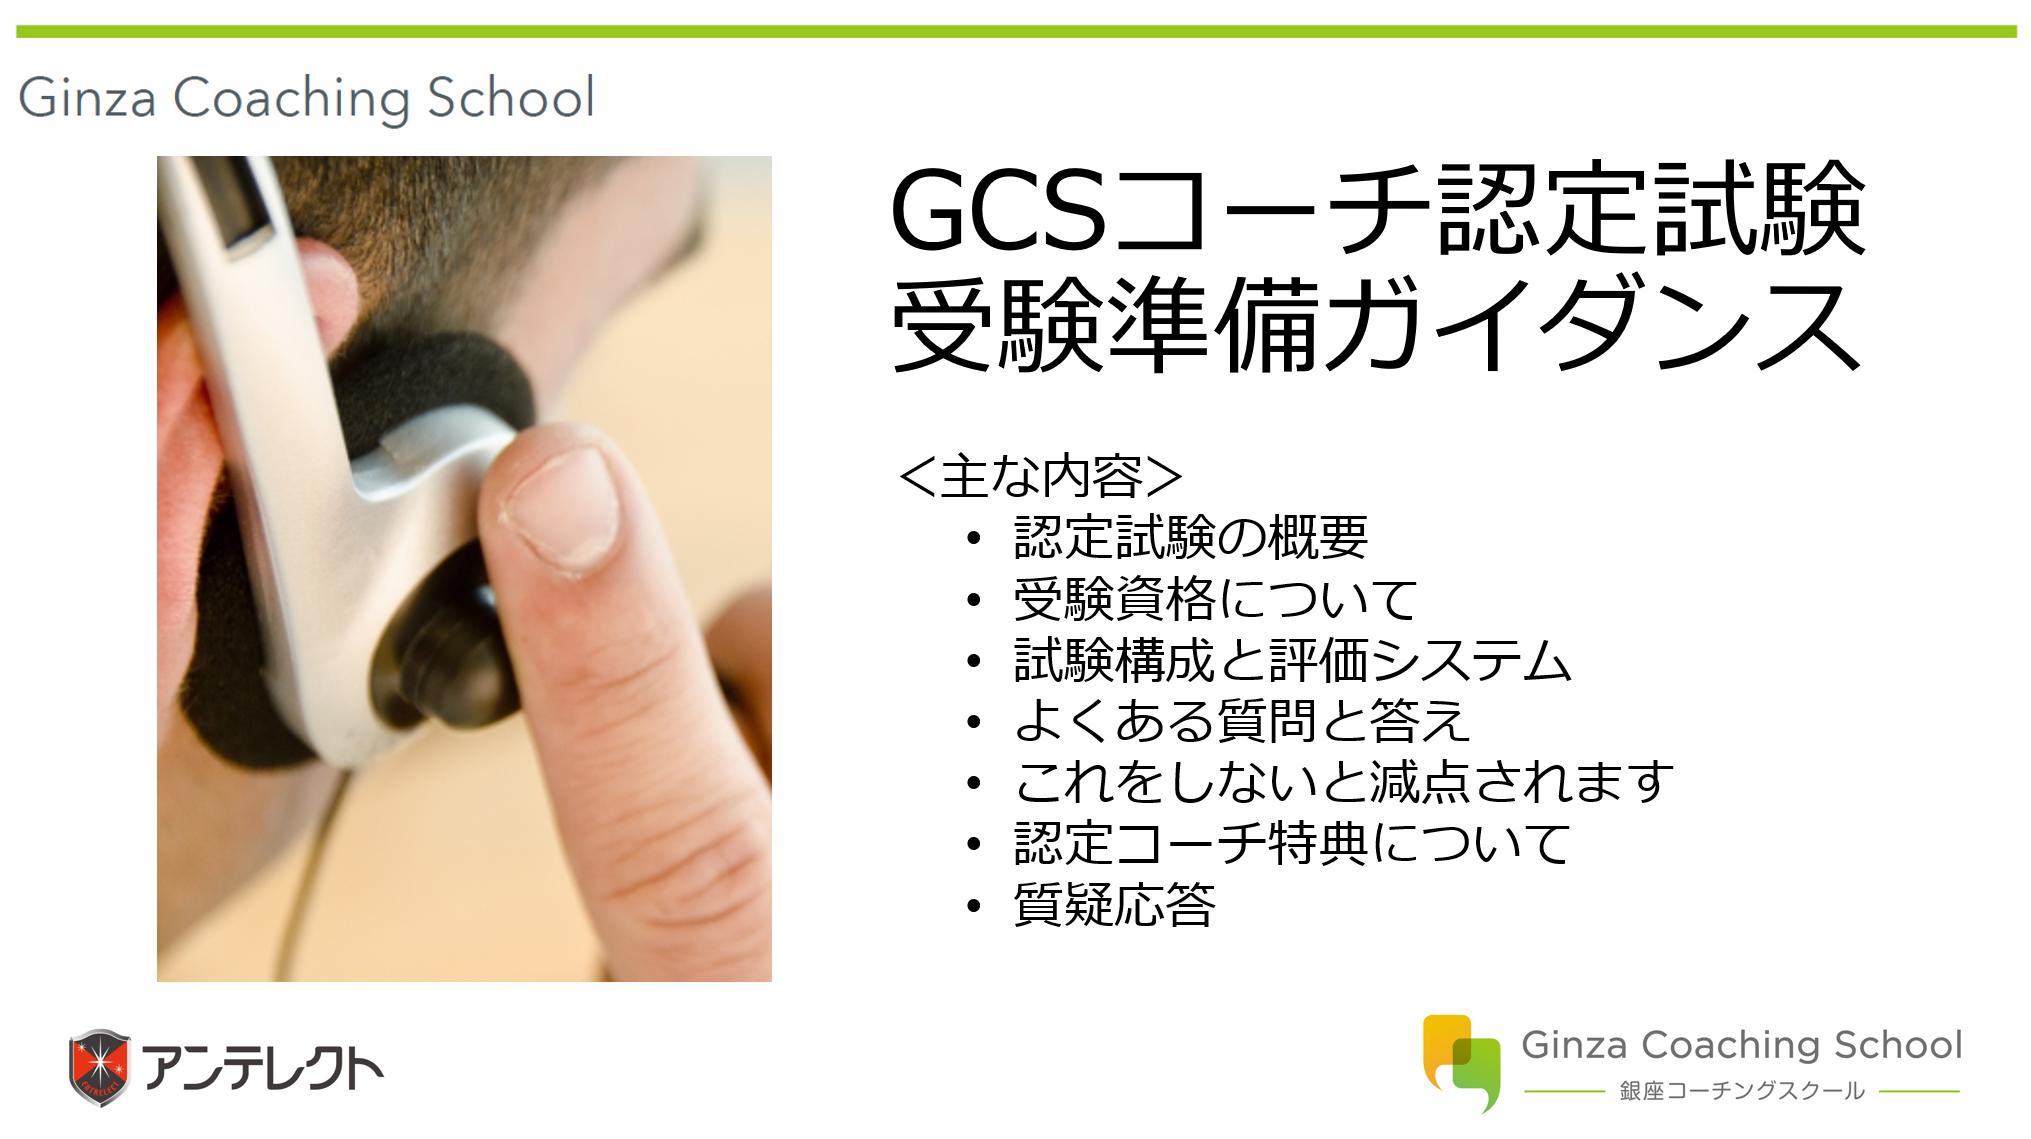 GCSコーチ認定試験受験準備ガイダンス